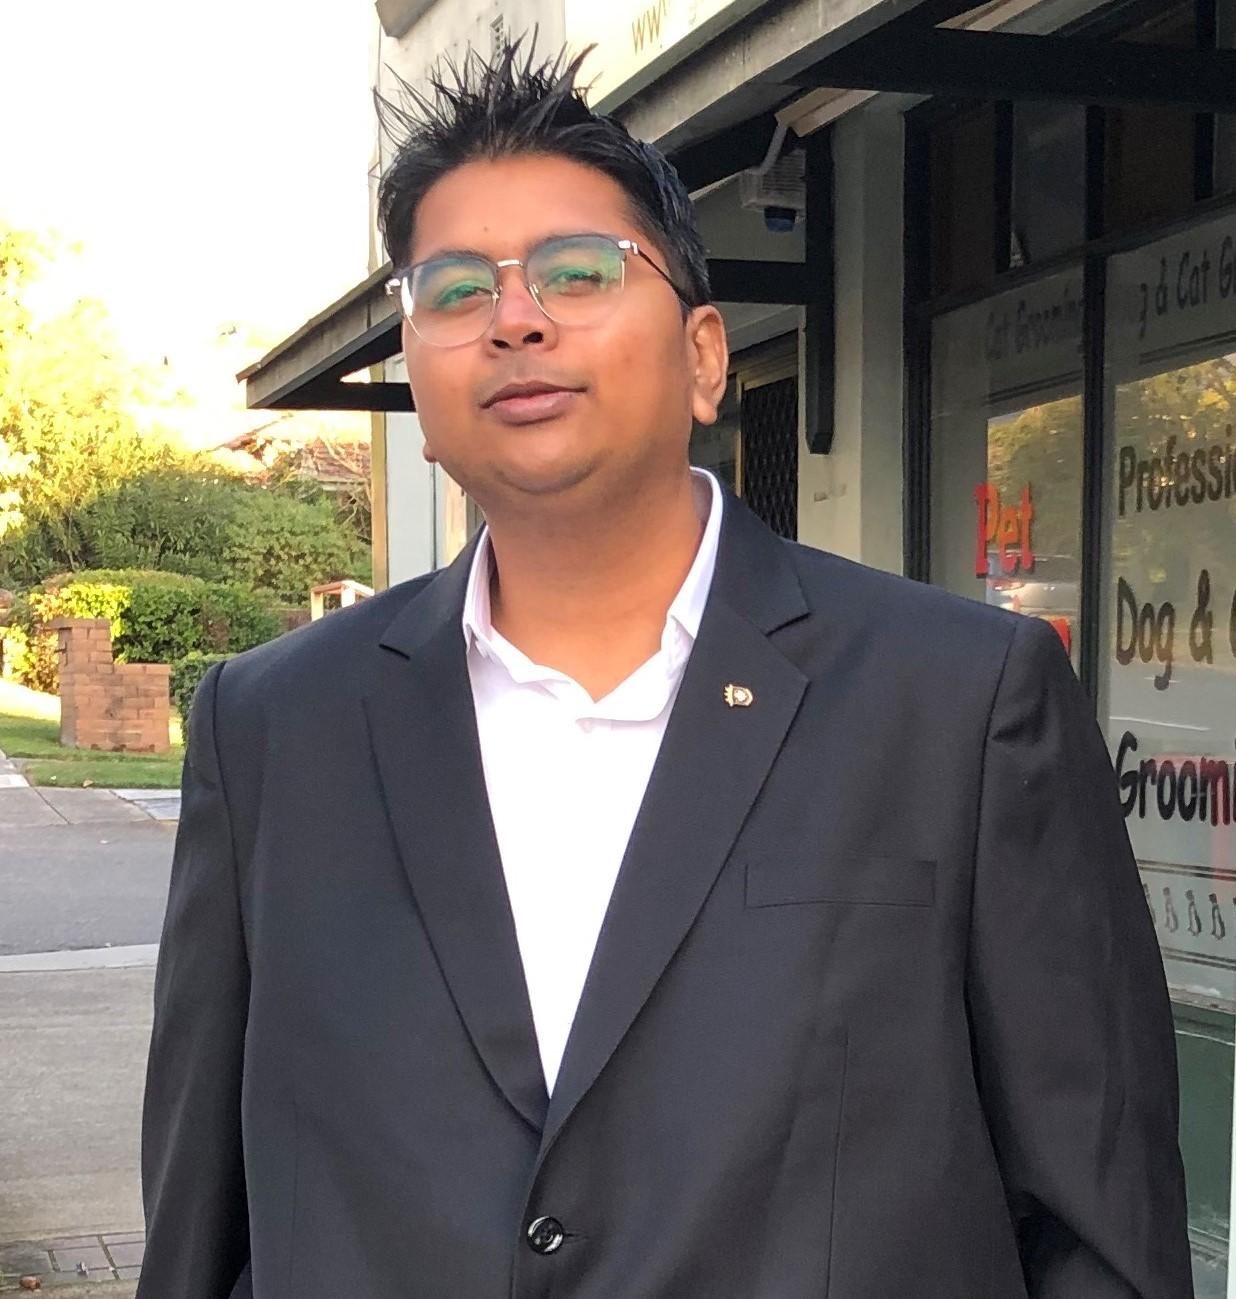 Prash Ravi